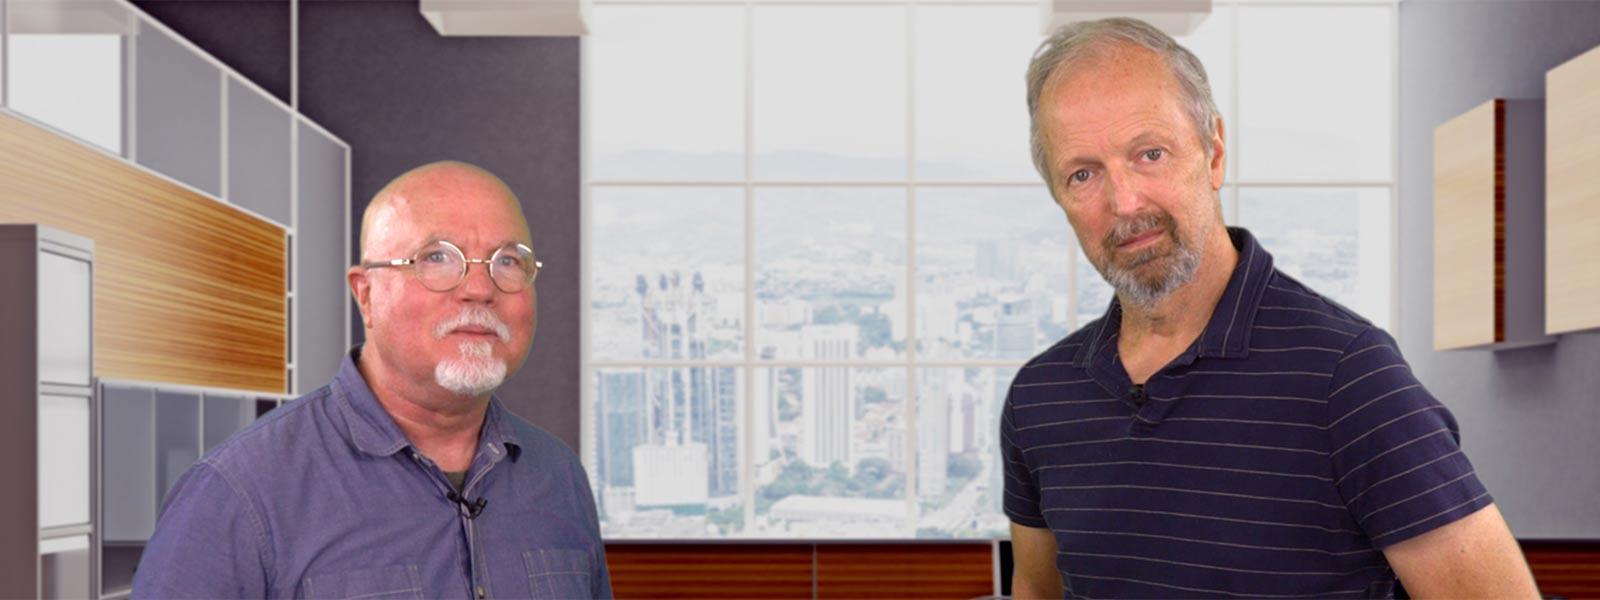 Mark Traphagen and Eric Enge